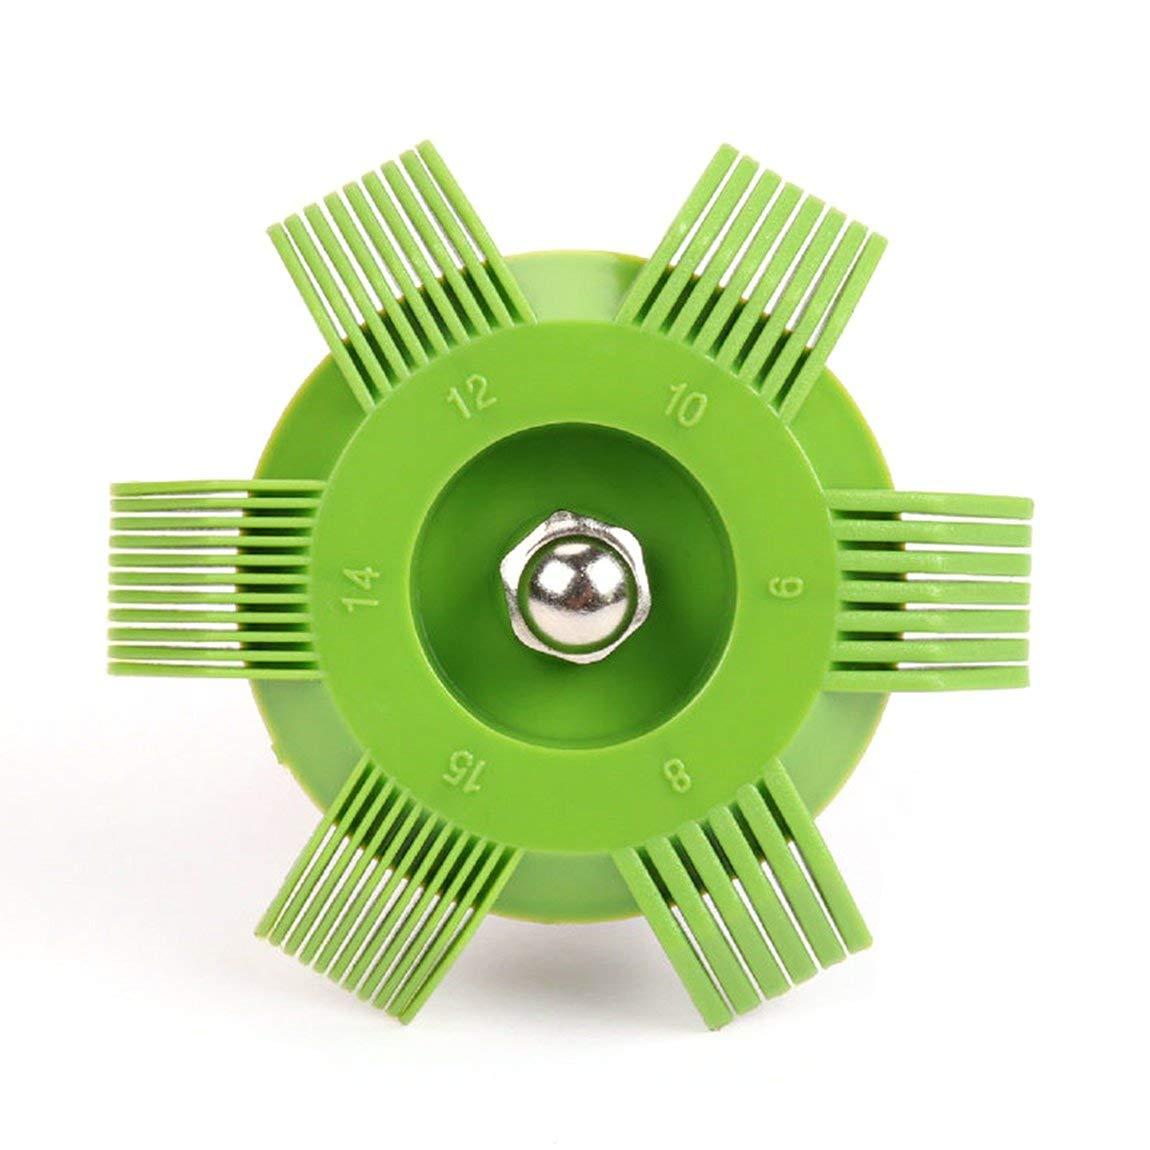 colore: verde e rosso Combustibile universale in plastica per auto con condensatore per radiatore condensatore per raddrizzatore per pettine per strumento di raffreddamento automatico